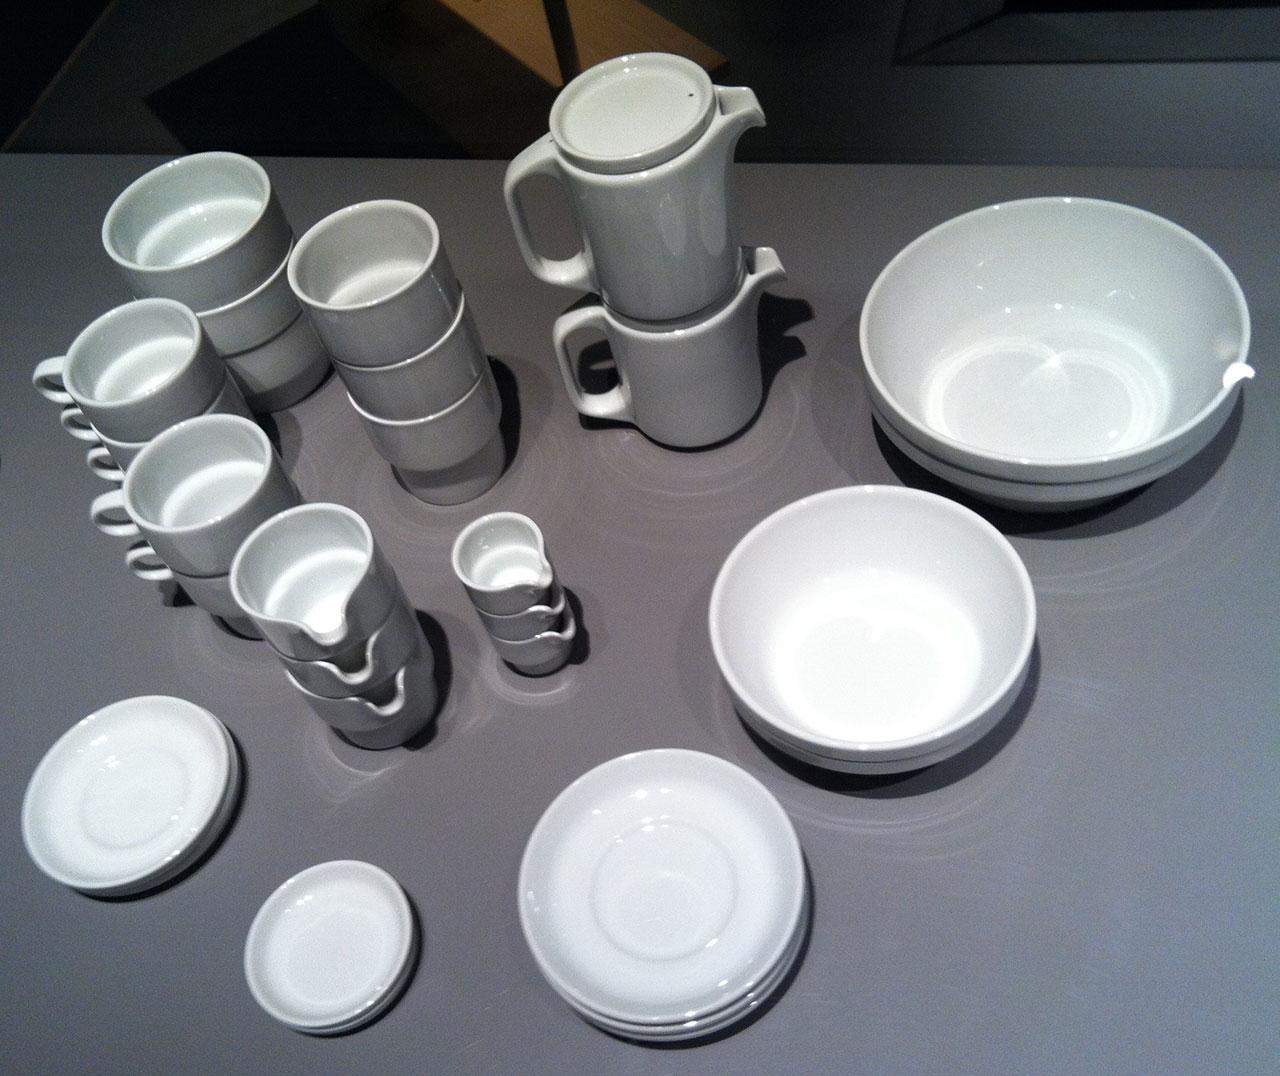 Hans Roericht (ハンス・ロエリヒト) が卒業制作で発表した食器「TC100 スタッキングサービス」